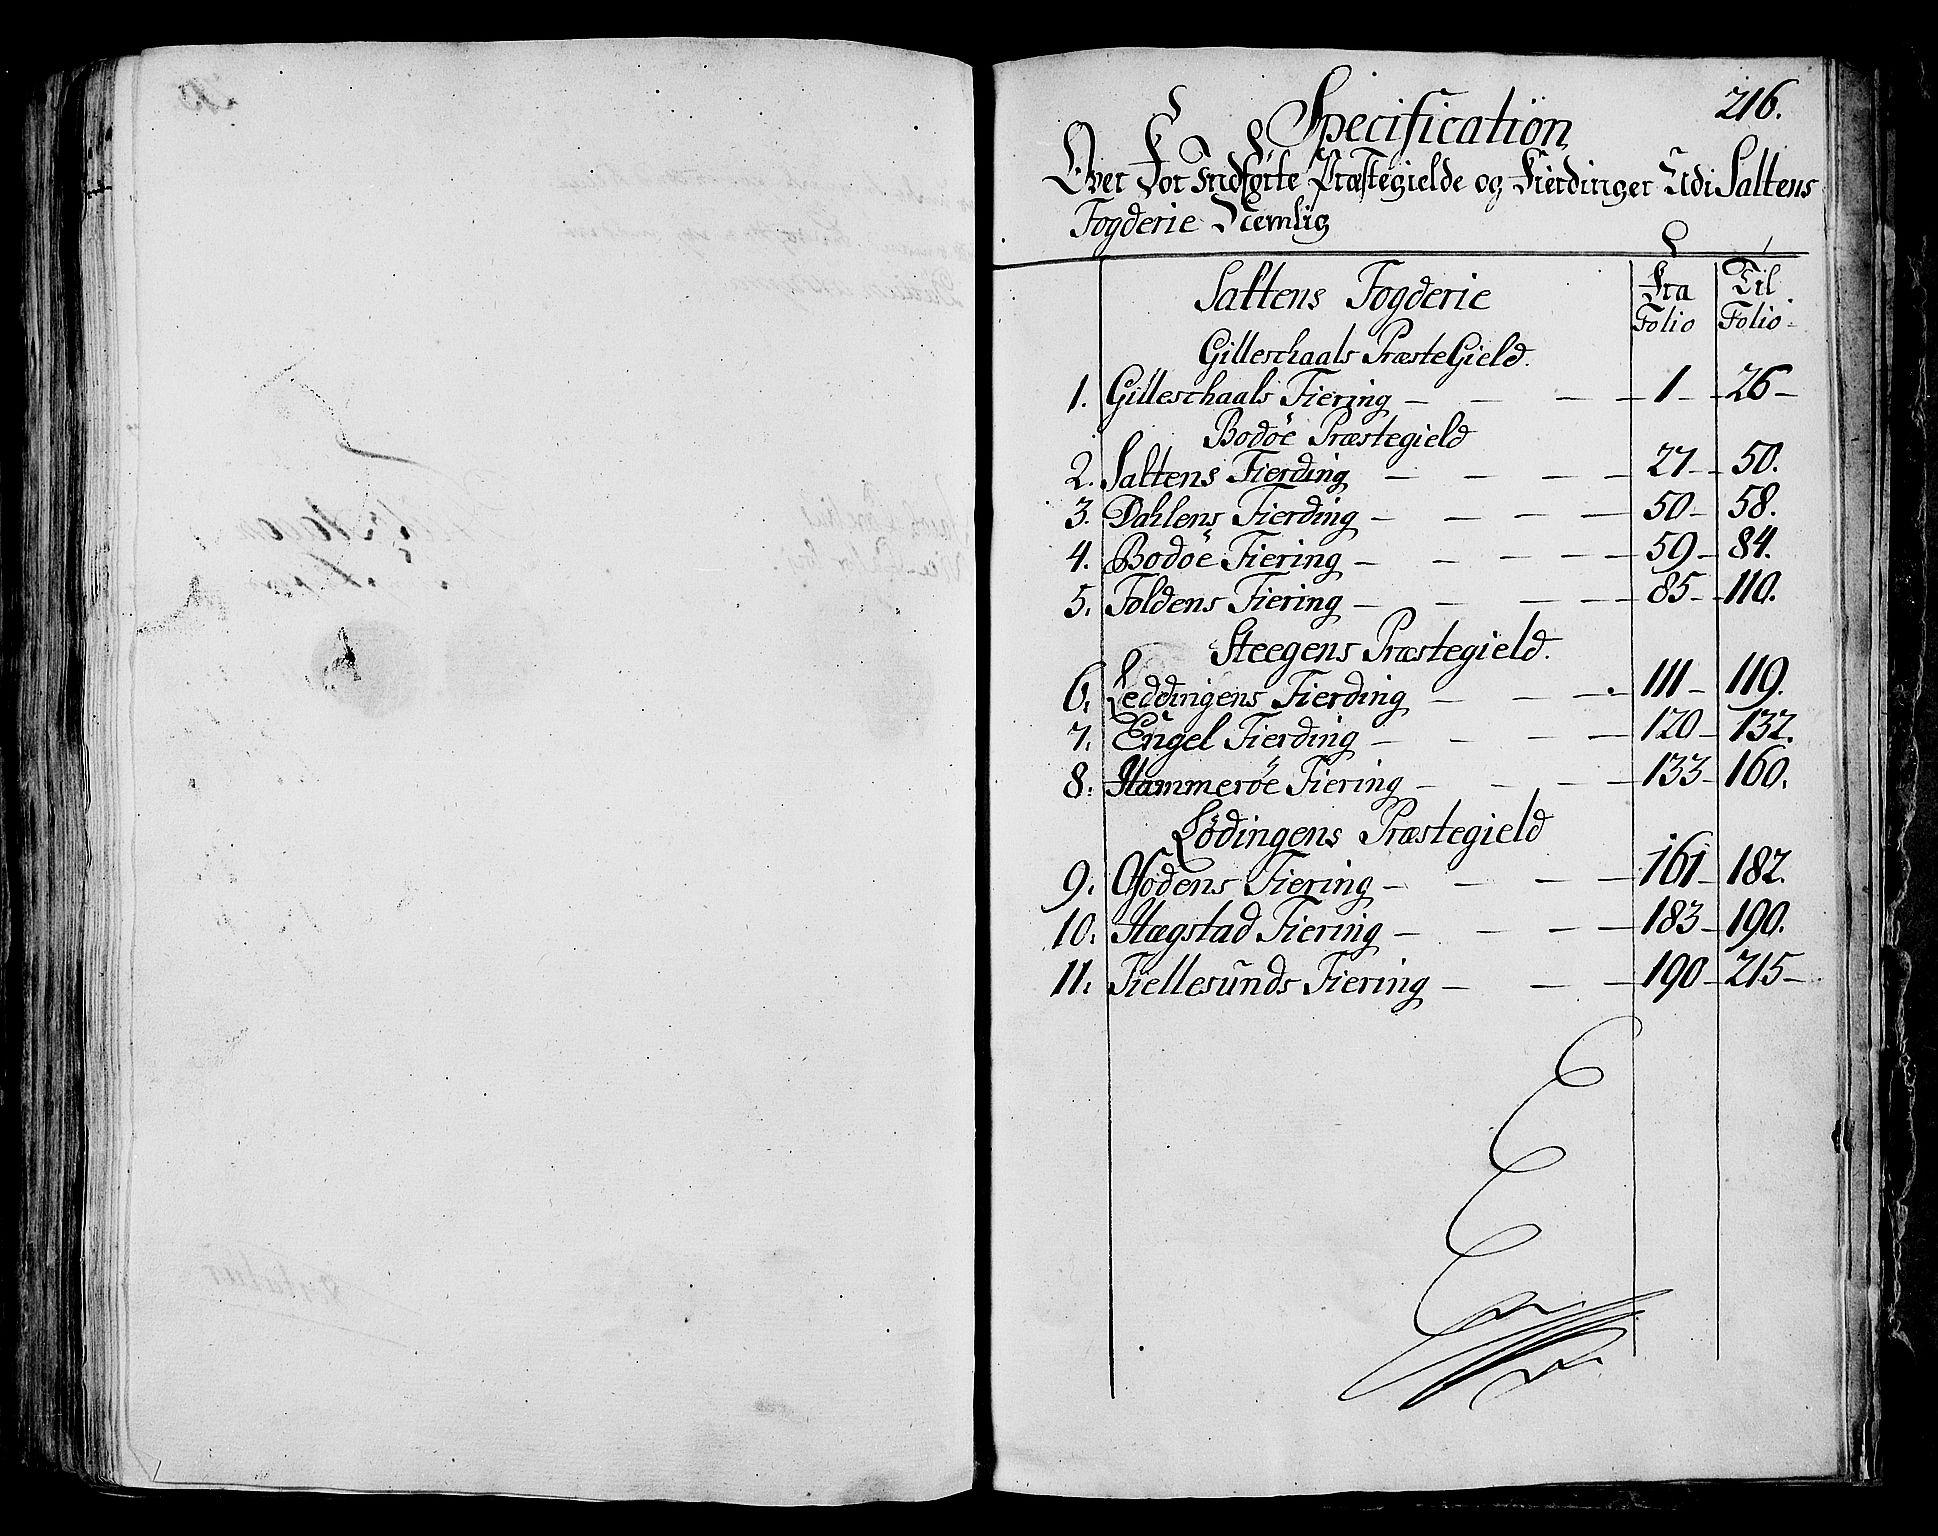 RA, Rentekammeret inntil 1814, Realistisk ordnet avdeling, N/Nb/Nbf/L0172: Salten eksaminasjonsprotokoll, 1723, s. 215b-216a